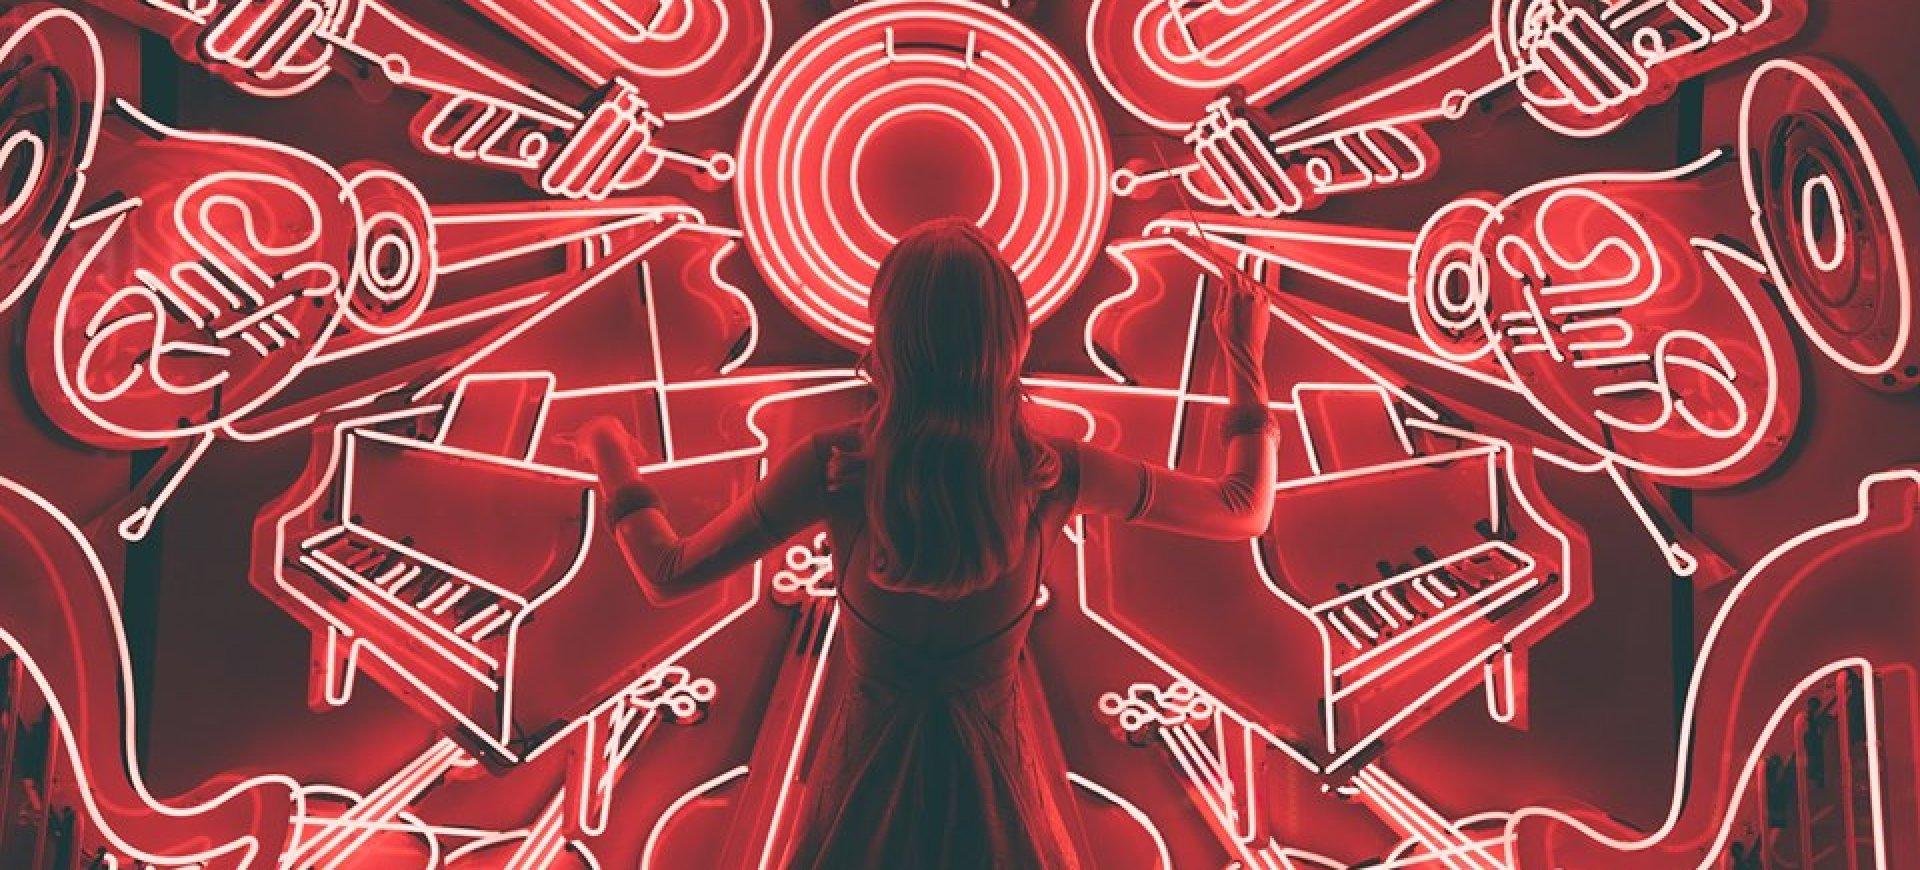 Noc Saunowa - podróż przez dekady muzyczne